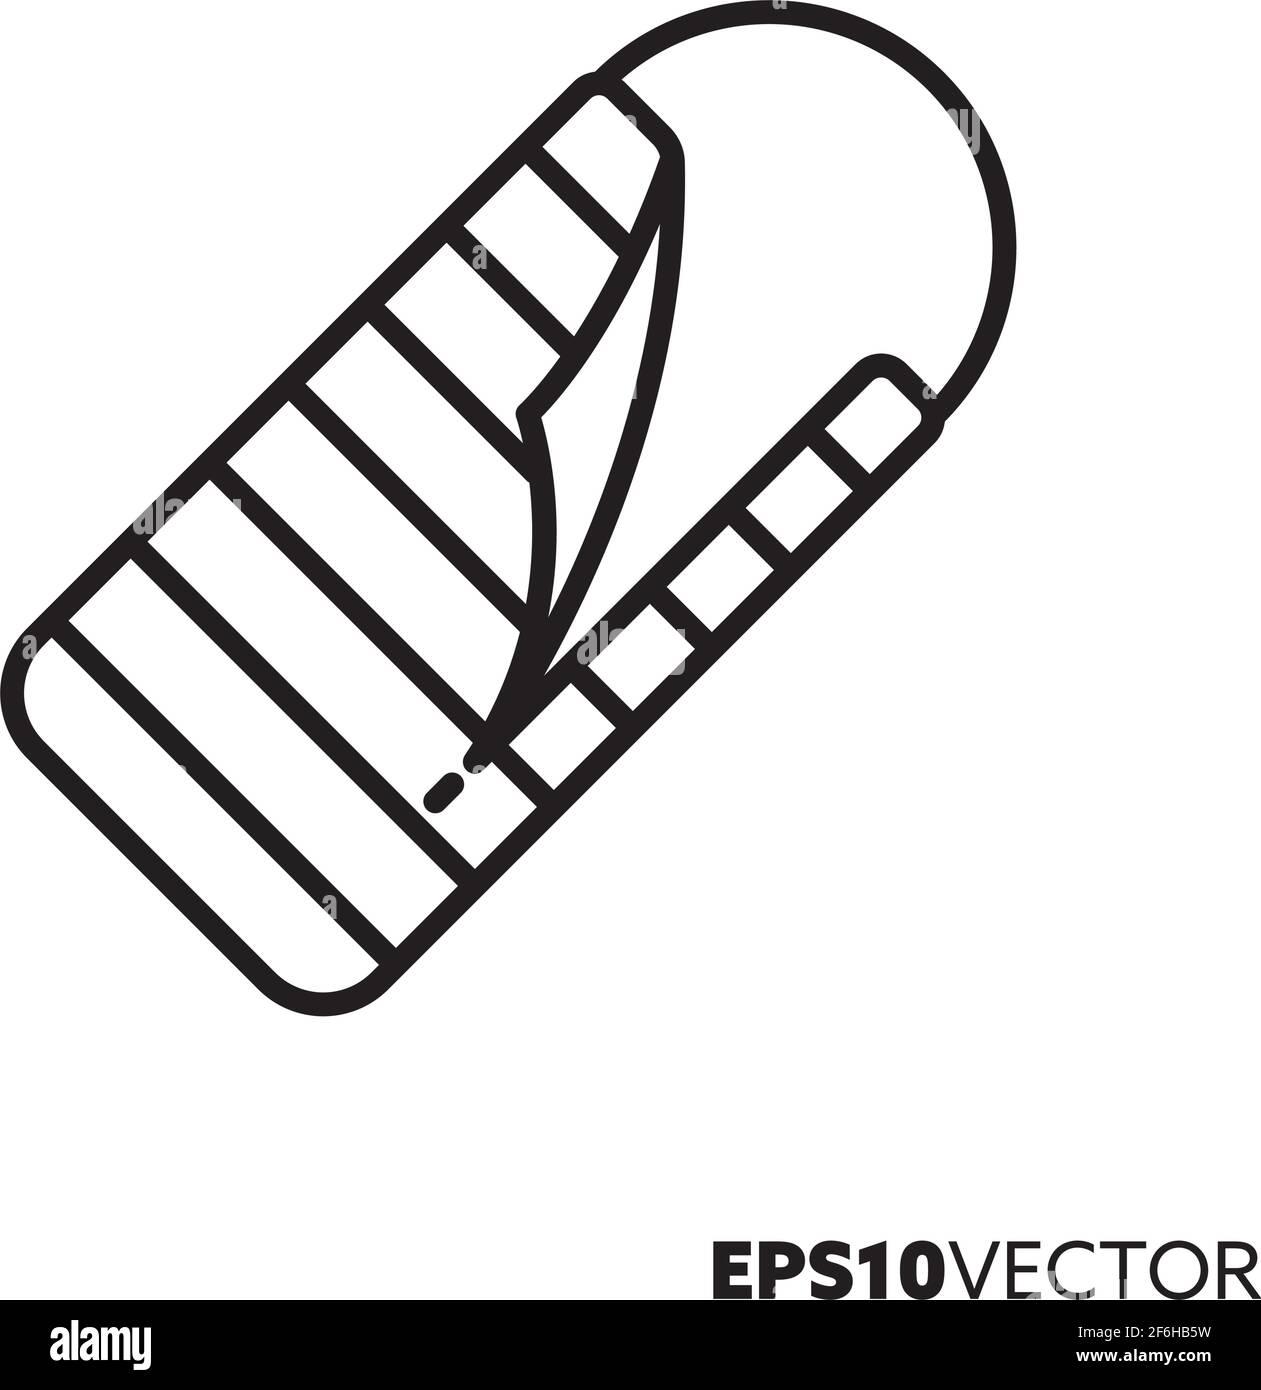 Icône de la ligne de sacs de couchage. Symbole de la randonnée et du voyage. Illustration vectorielle de l'équipement de camping. Illustration de Vecteur